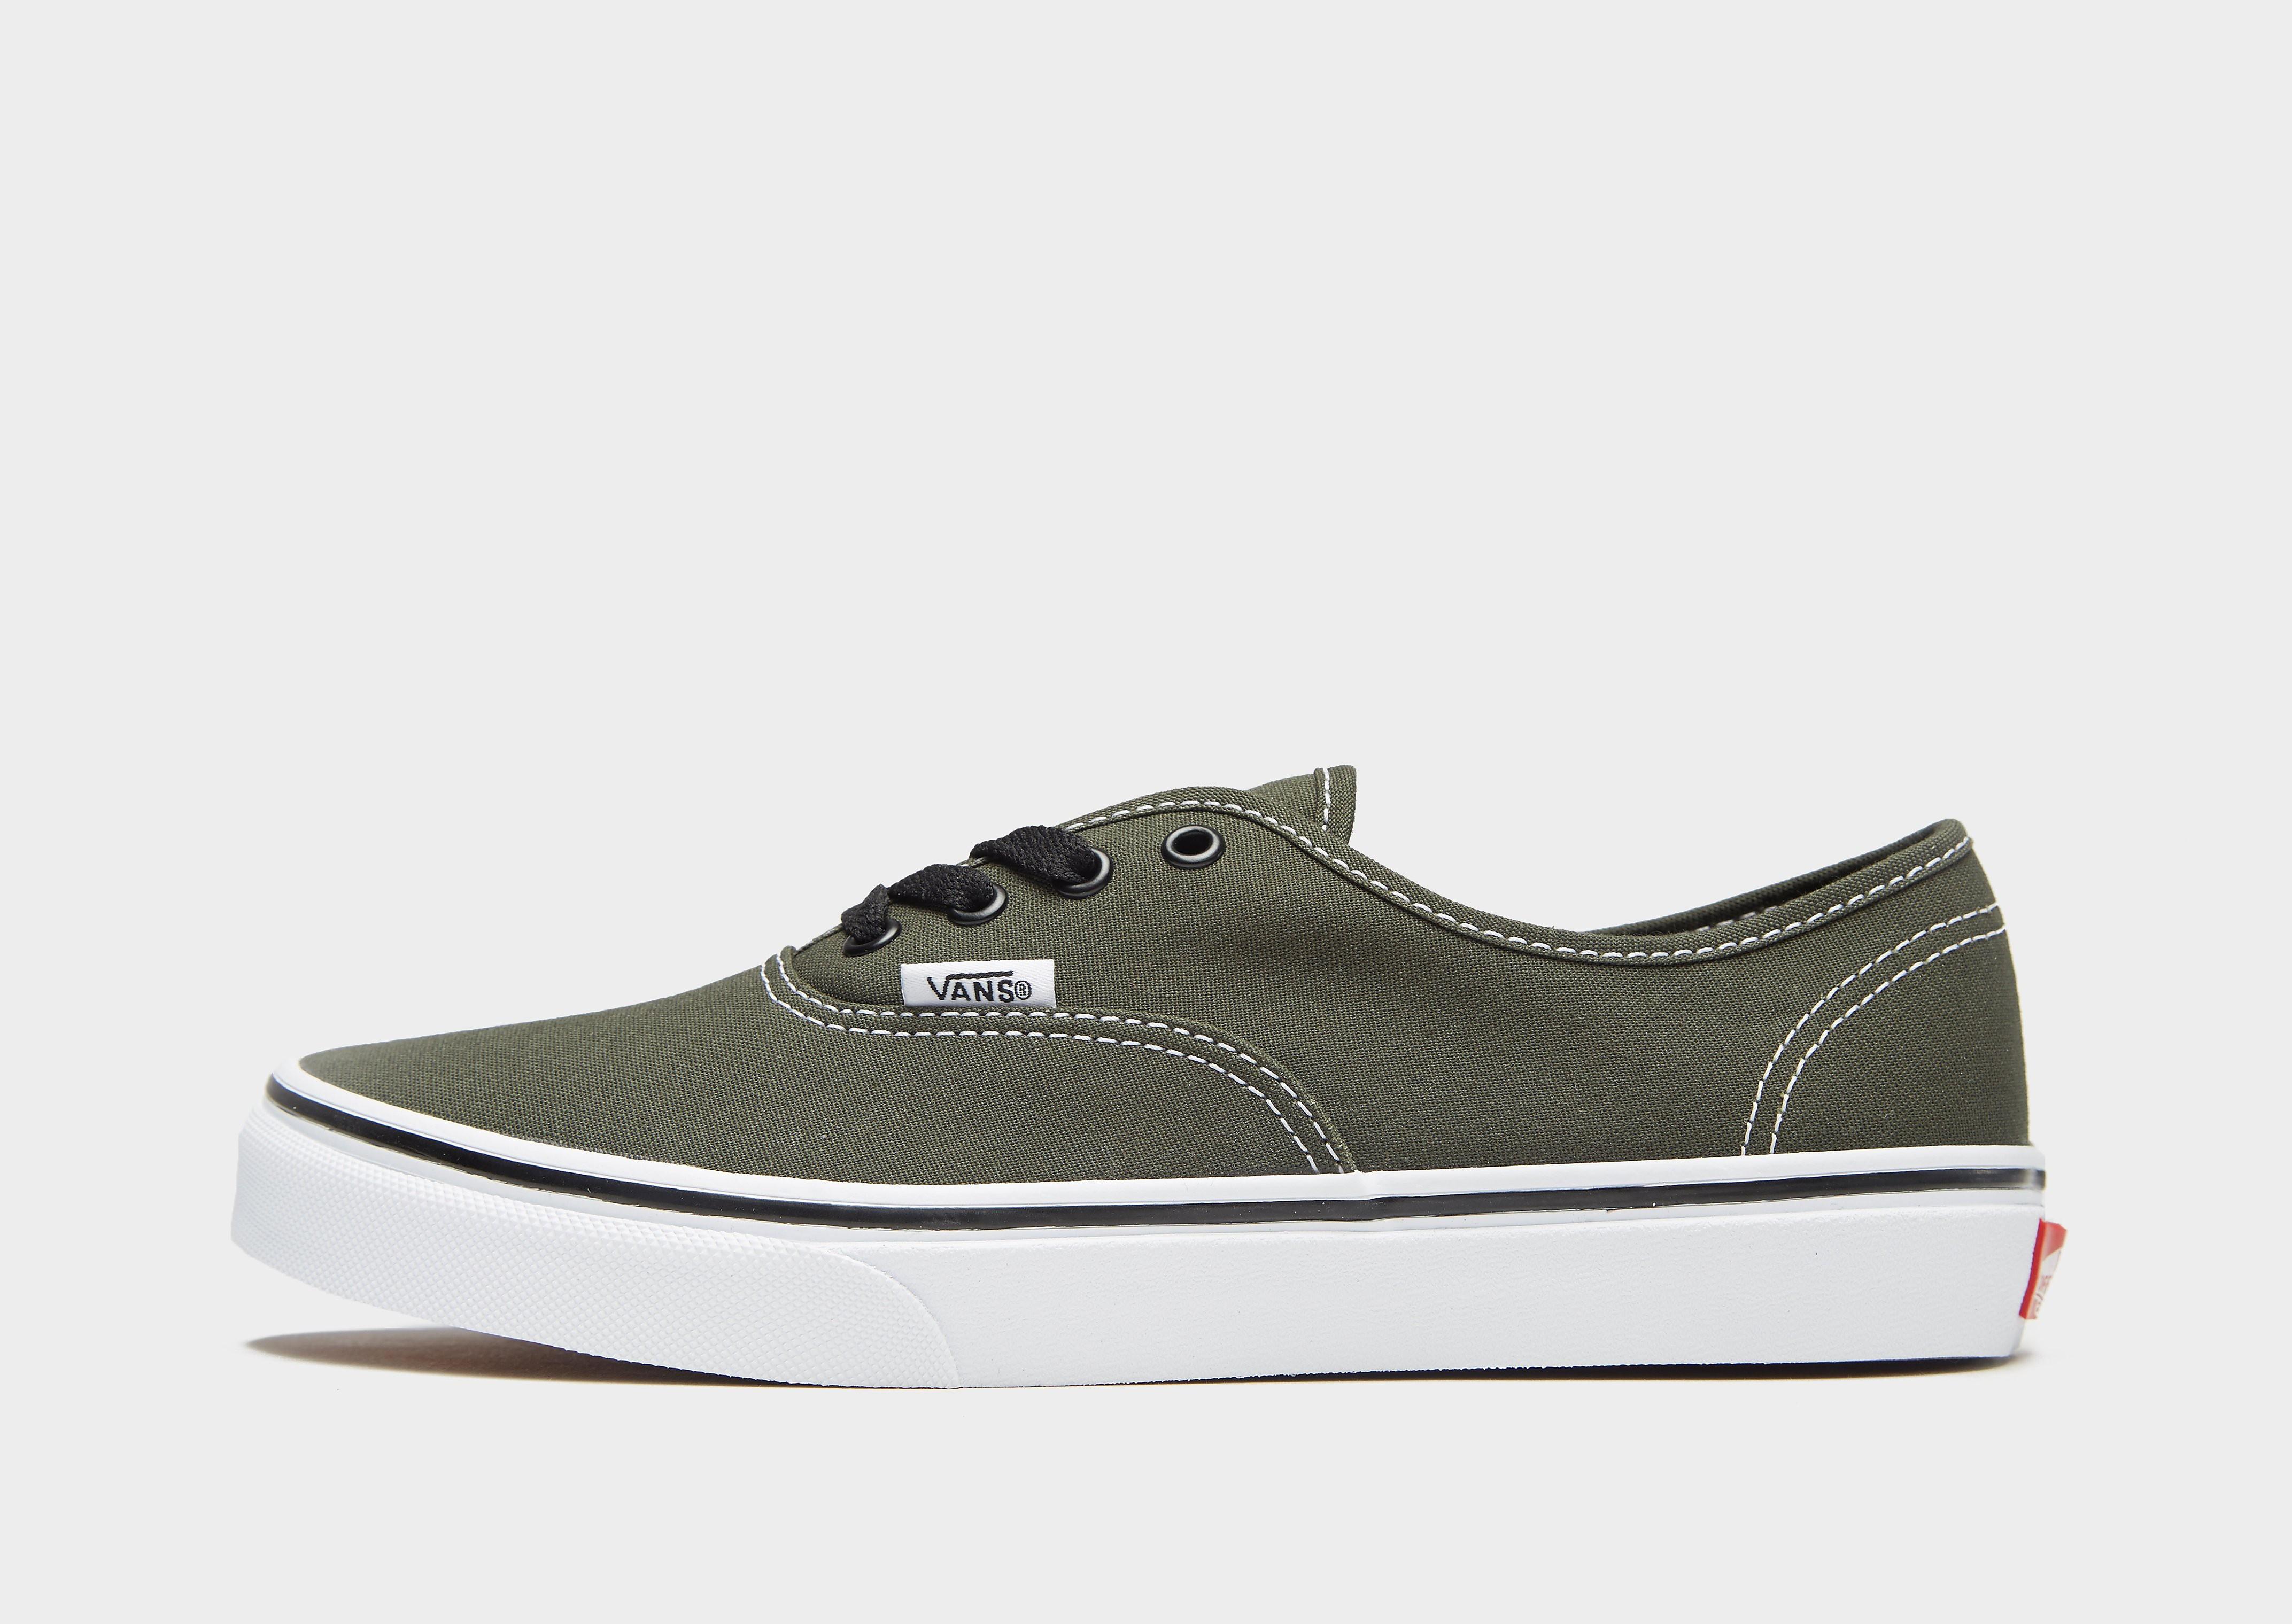 Vans Authentic Junior - Groen - Kind